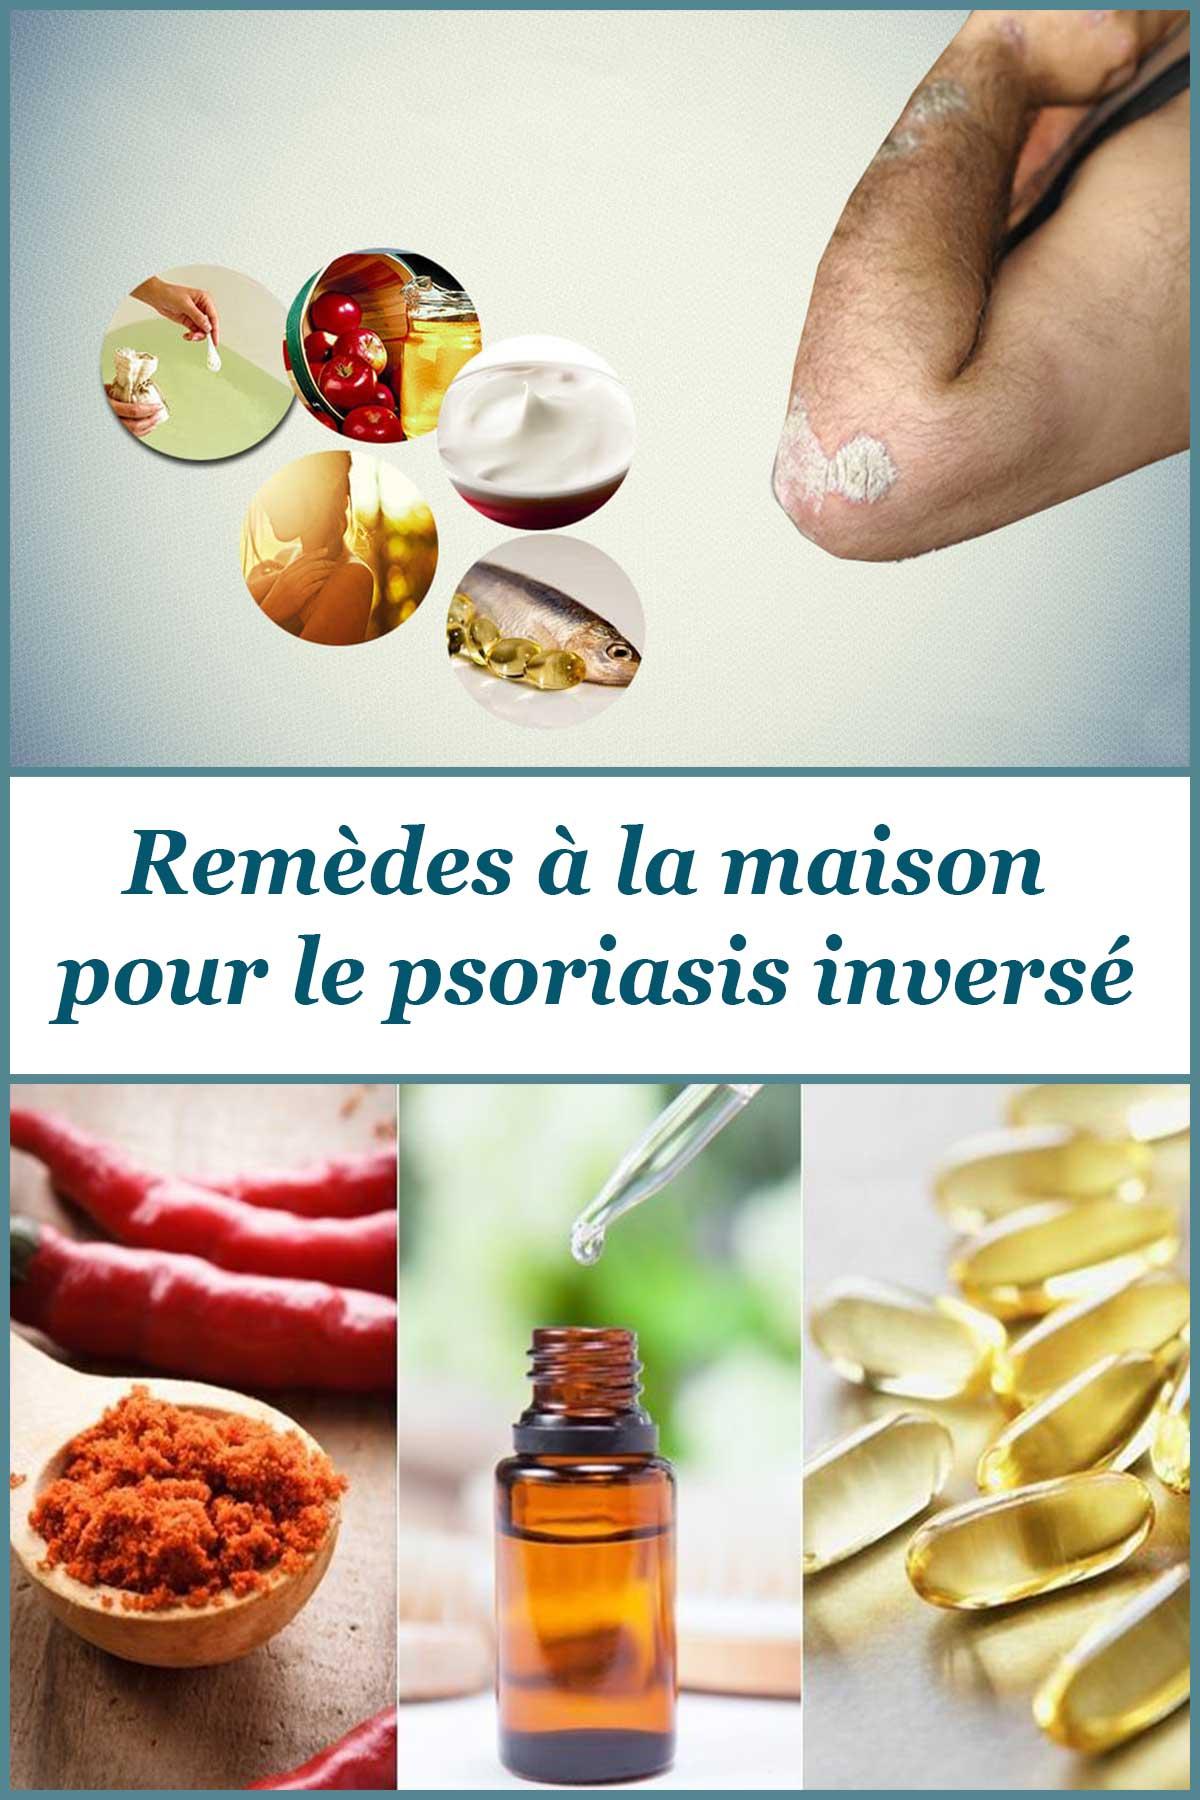 Remèdes à la maison pour le psoriasis inversé